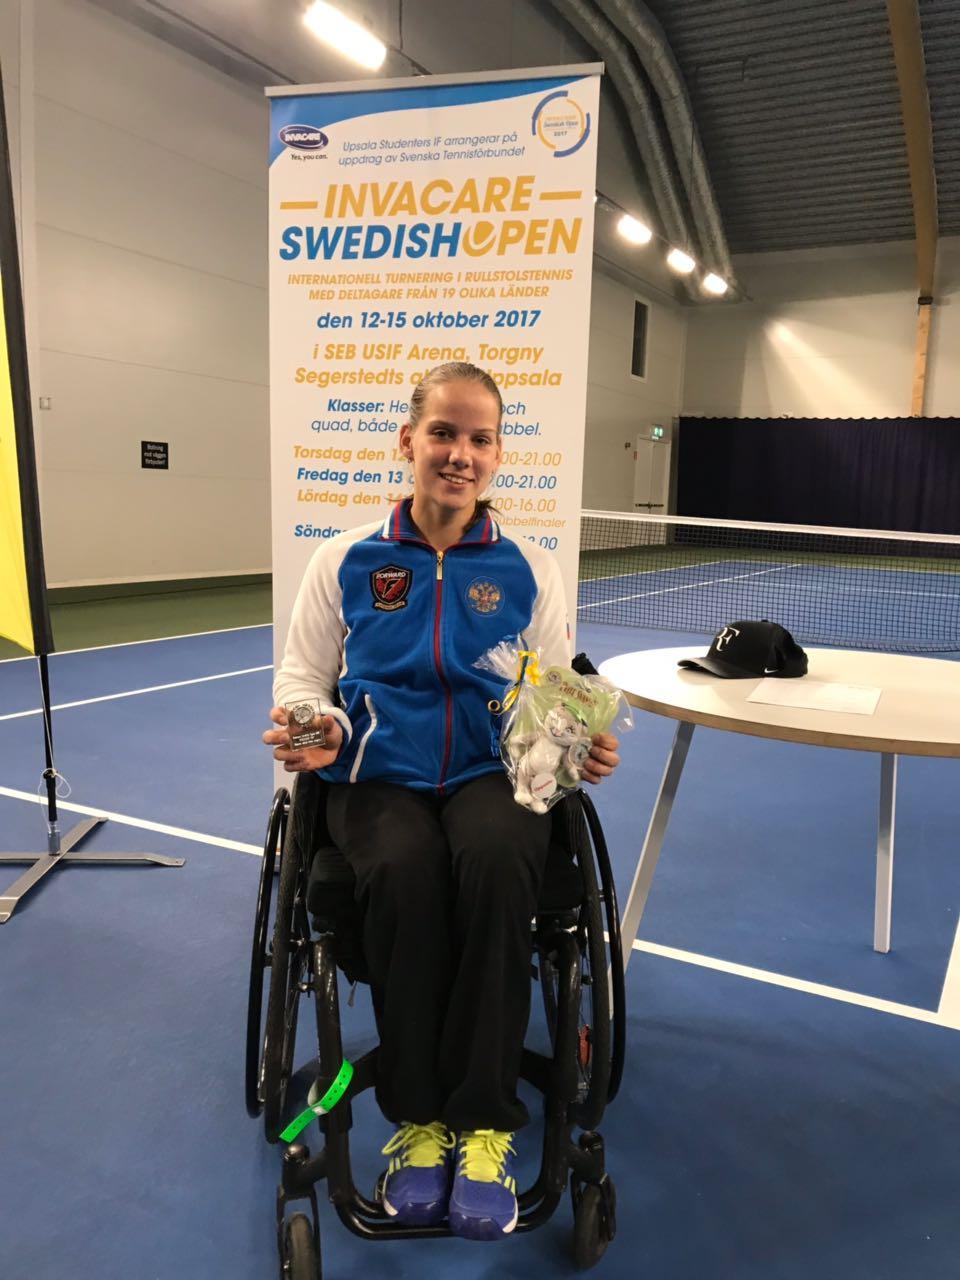 Россиянка Виктория Львова стала обладательницей двух серебряных наград на международных соревнованиях по теннису на колясках в Швеции